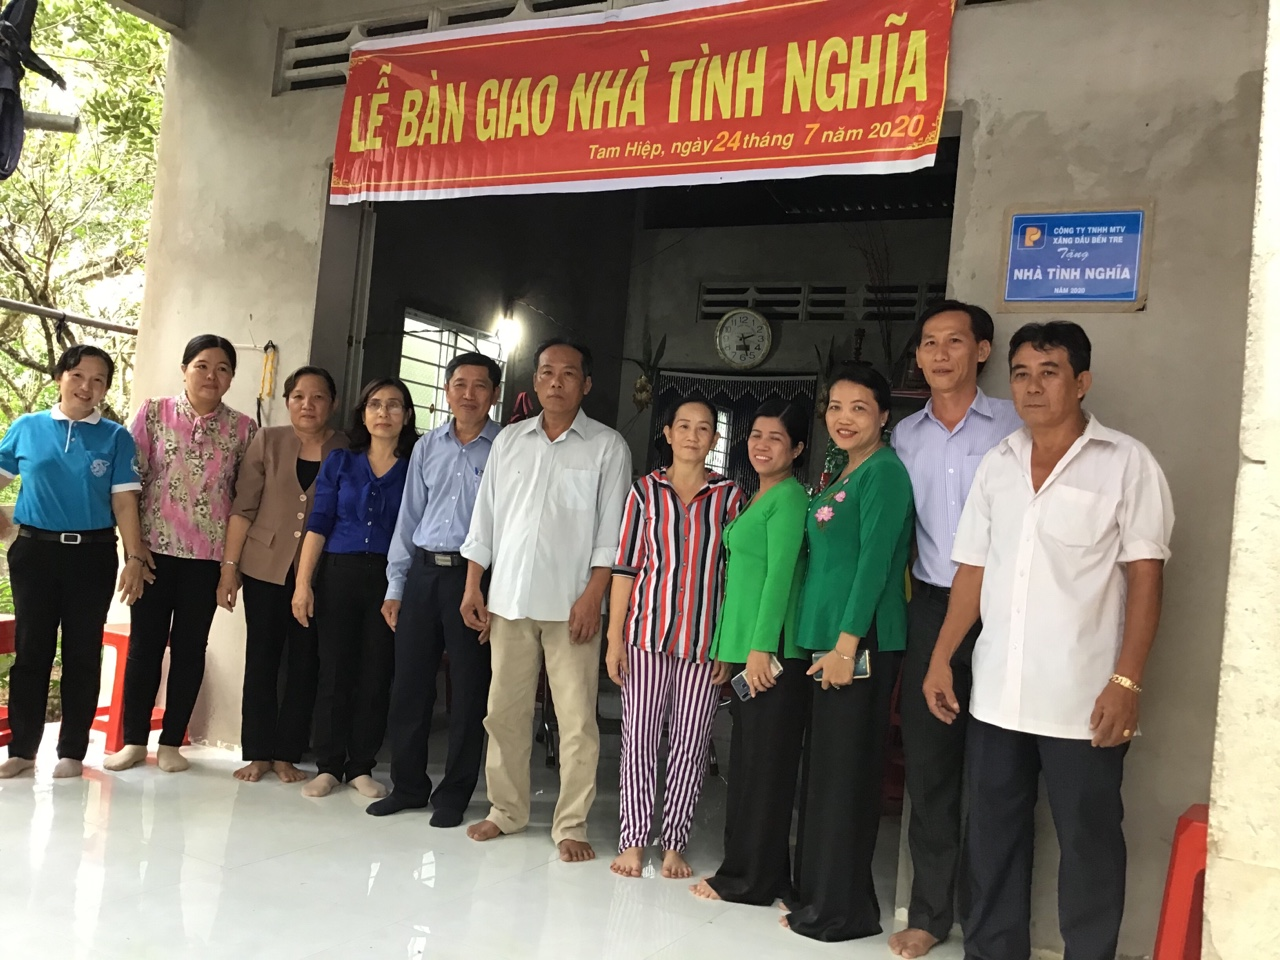 Bàn giao nhà tình nghĩa tại xã Tam Hiệp, huyện Bình Đại và xã An Ngãi Tây, huyện Ba Tri